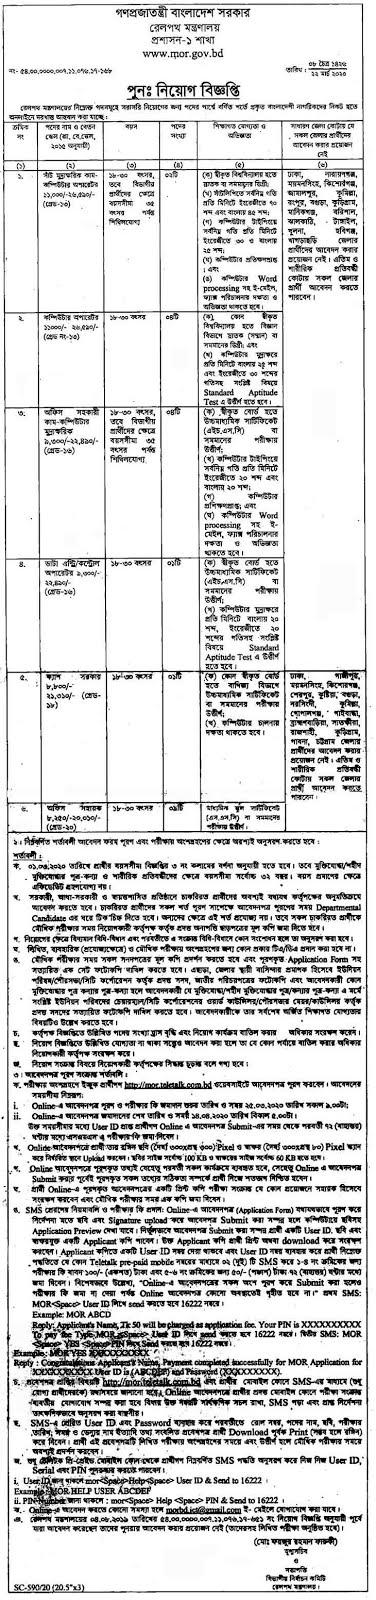 বাংলাদেশ রেলপথ মন্ত্রণালয় নিয়োগ বিজ্ঞপ্তি ২০২০  Ministry of Bangladesh Railway Job Circular 2020